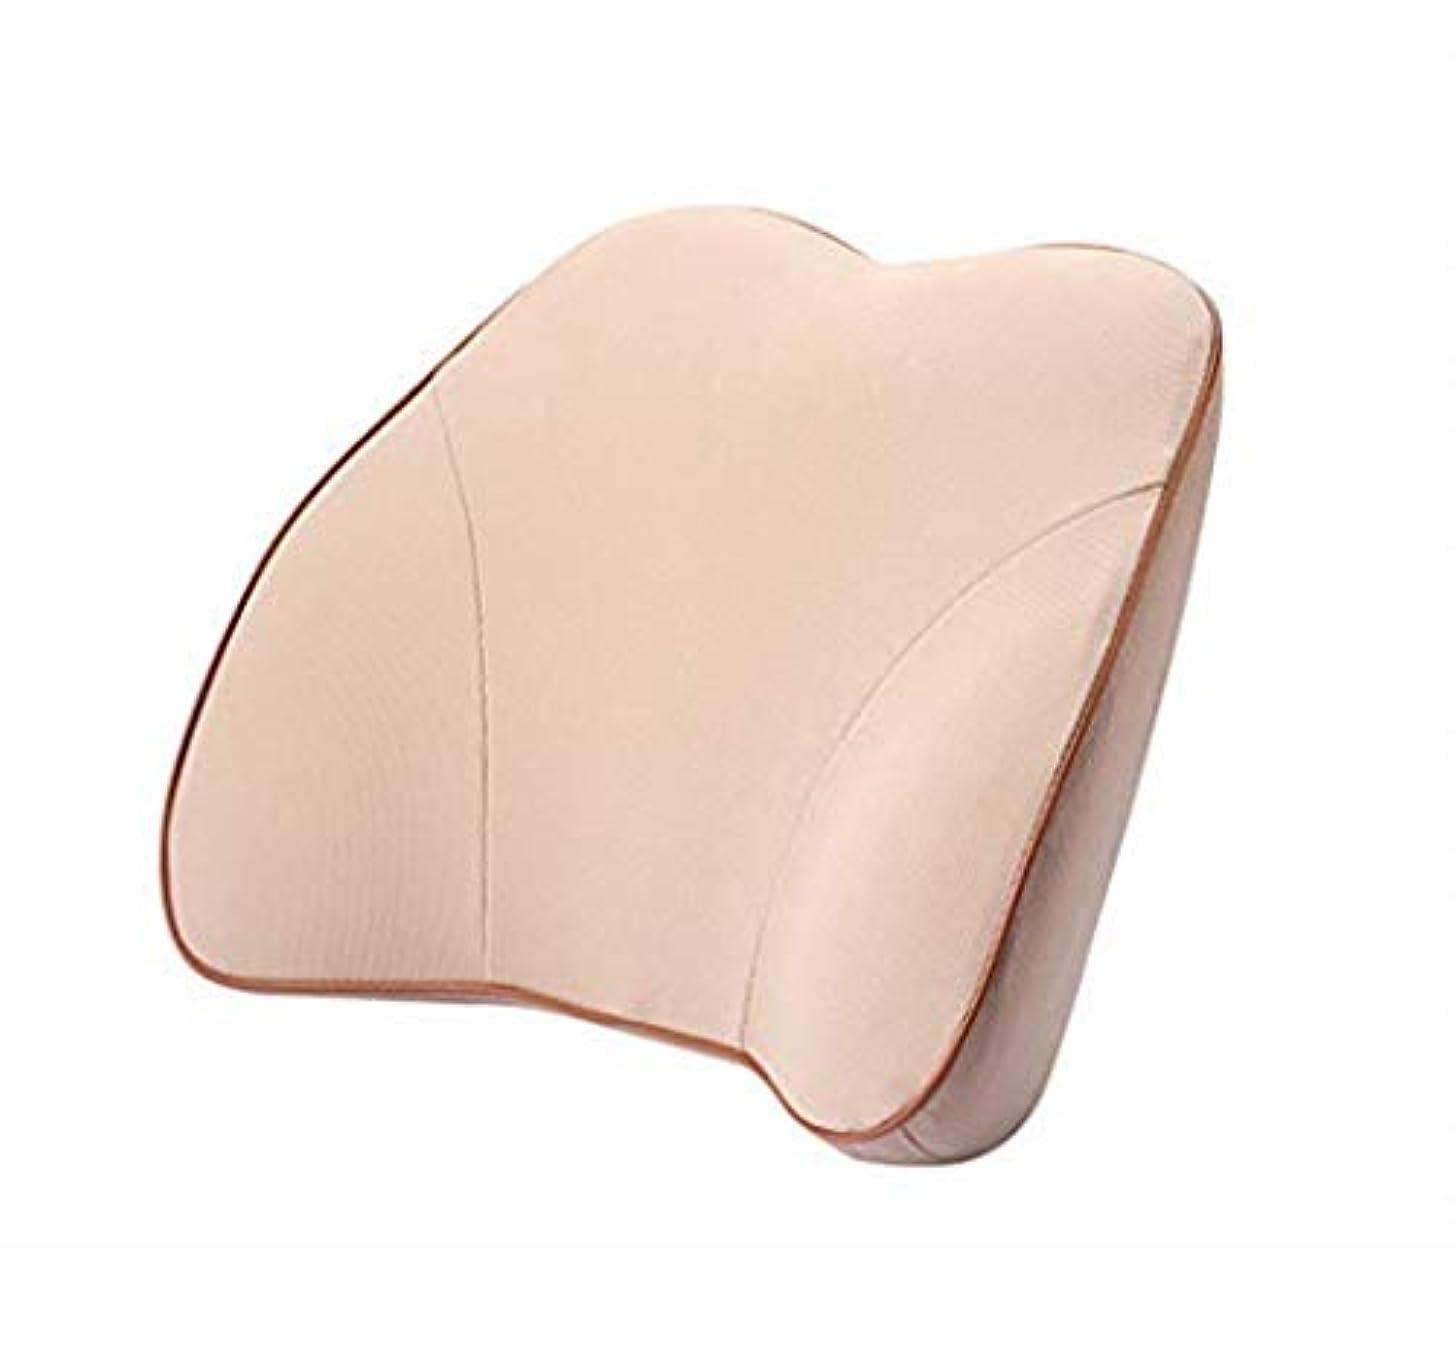 舌ビリーヤギ天気腰椎枕 - 100%低反発腰椎クッション - ポータブル枕 - 整形外科ウエストサポート枕 - 車のオフィスチェア - 長距離運転オフィスに適した腰痛緩和 (Color : Beige)